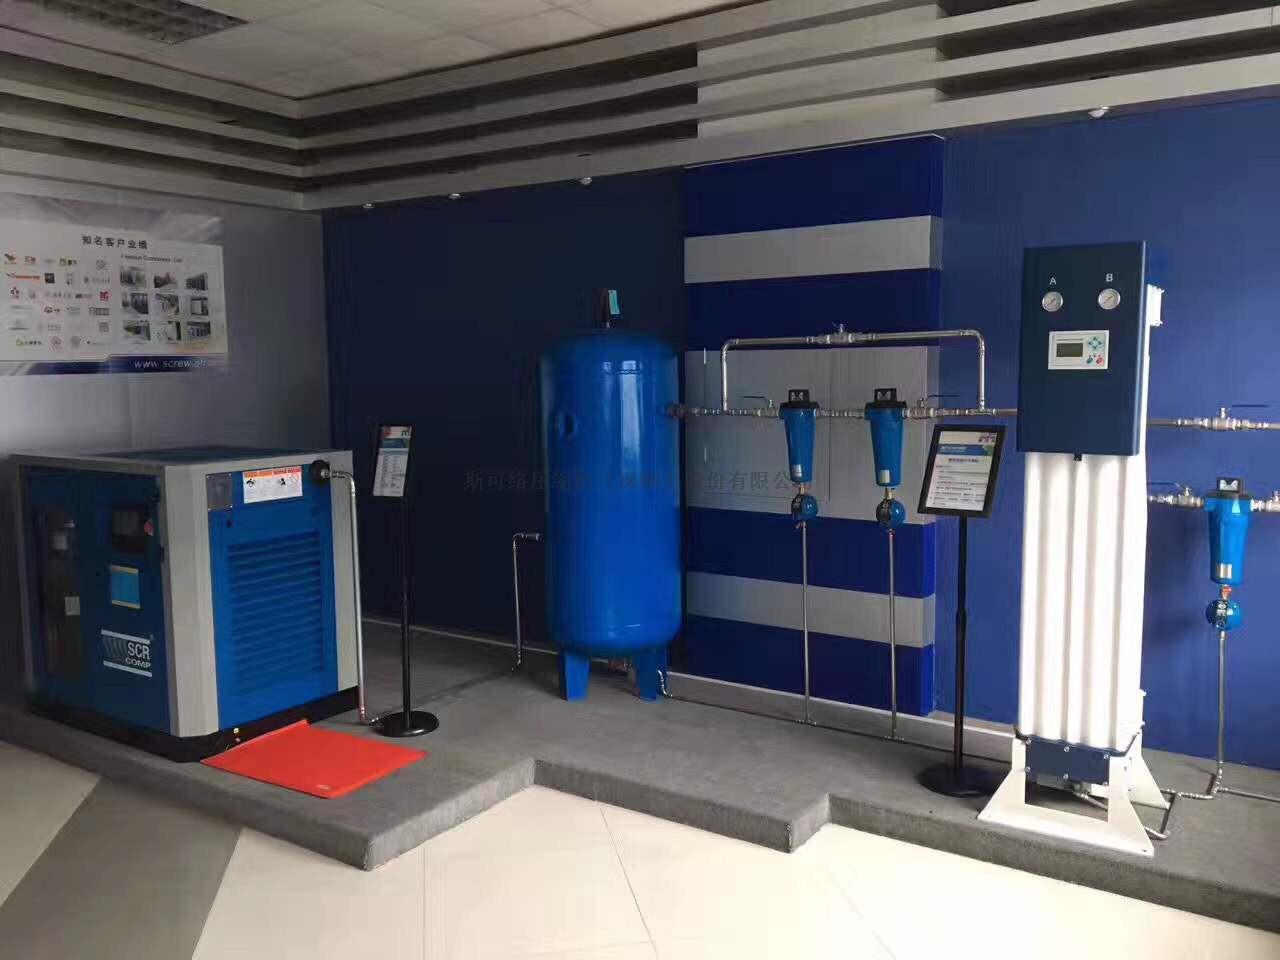 作为深圳螺杆空压机厂家,我们推荐这款空压机!